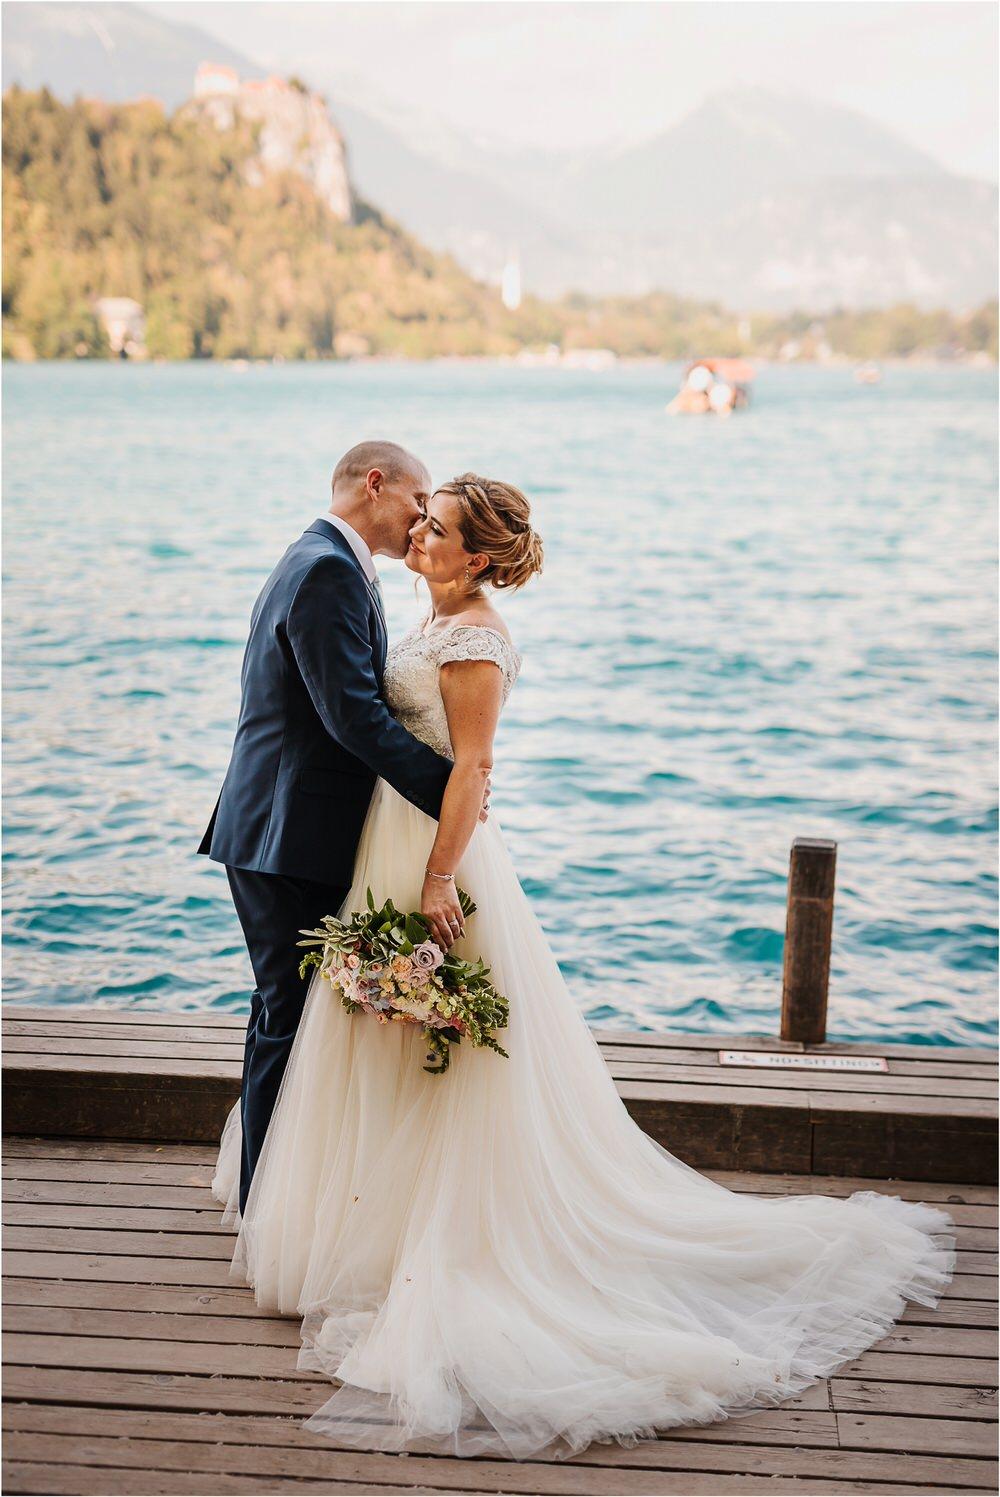 bled castle wedding poroka blejsko jezero jezersek adventure themed destination wedding photographer lake bled 0062.jpg